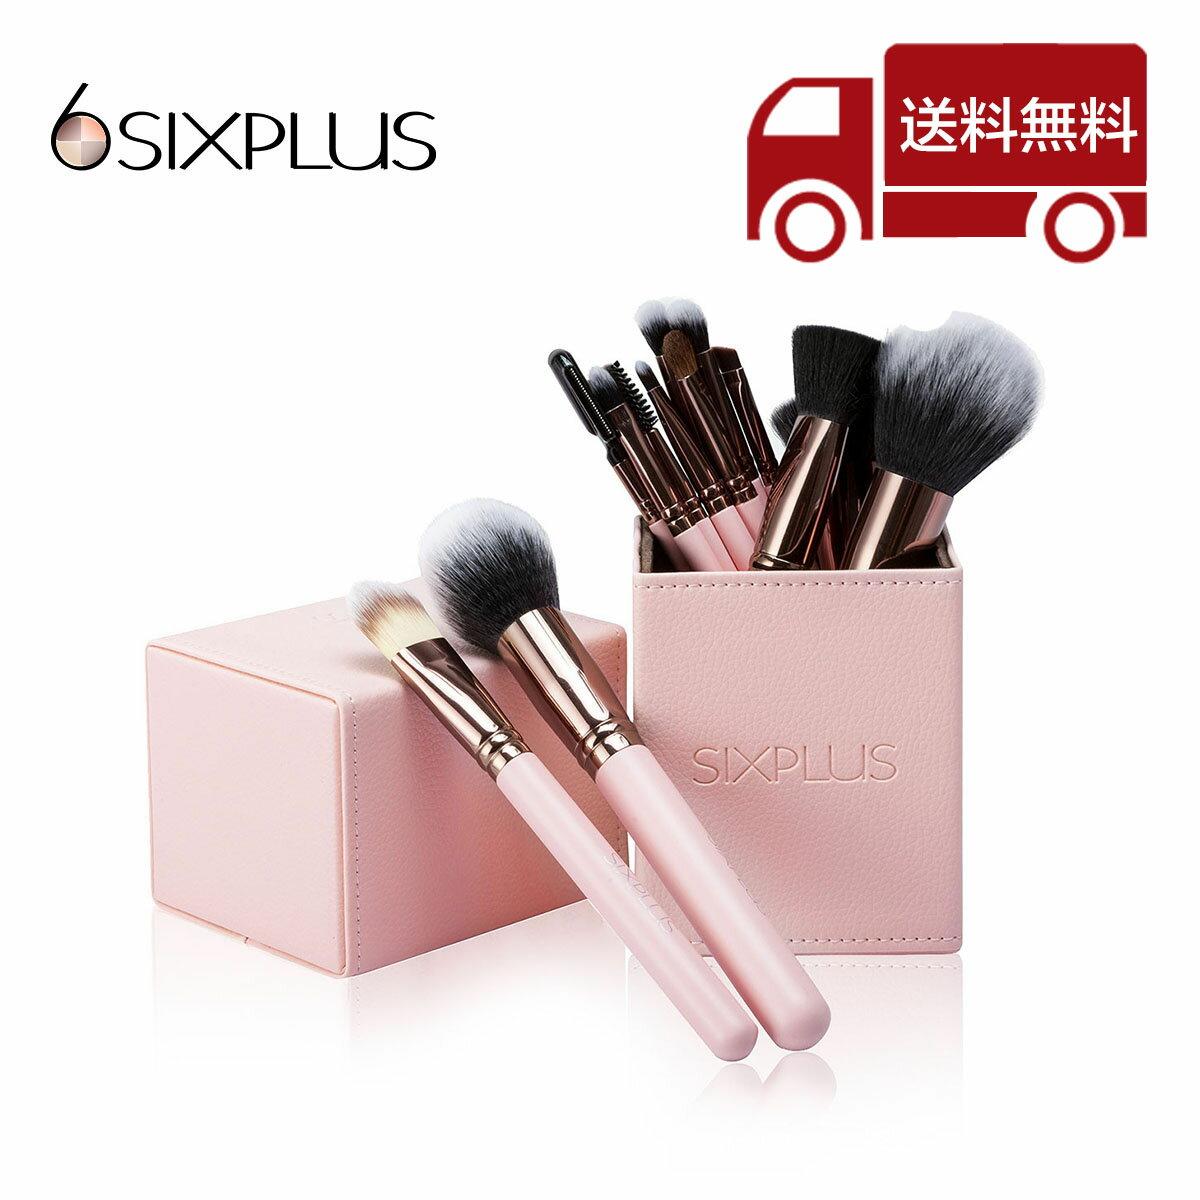 ★ 送料無料 ★ SIXPLUS ロマンチックなピンク色 メイクブラシ15本セット